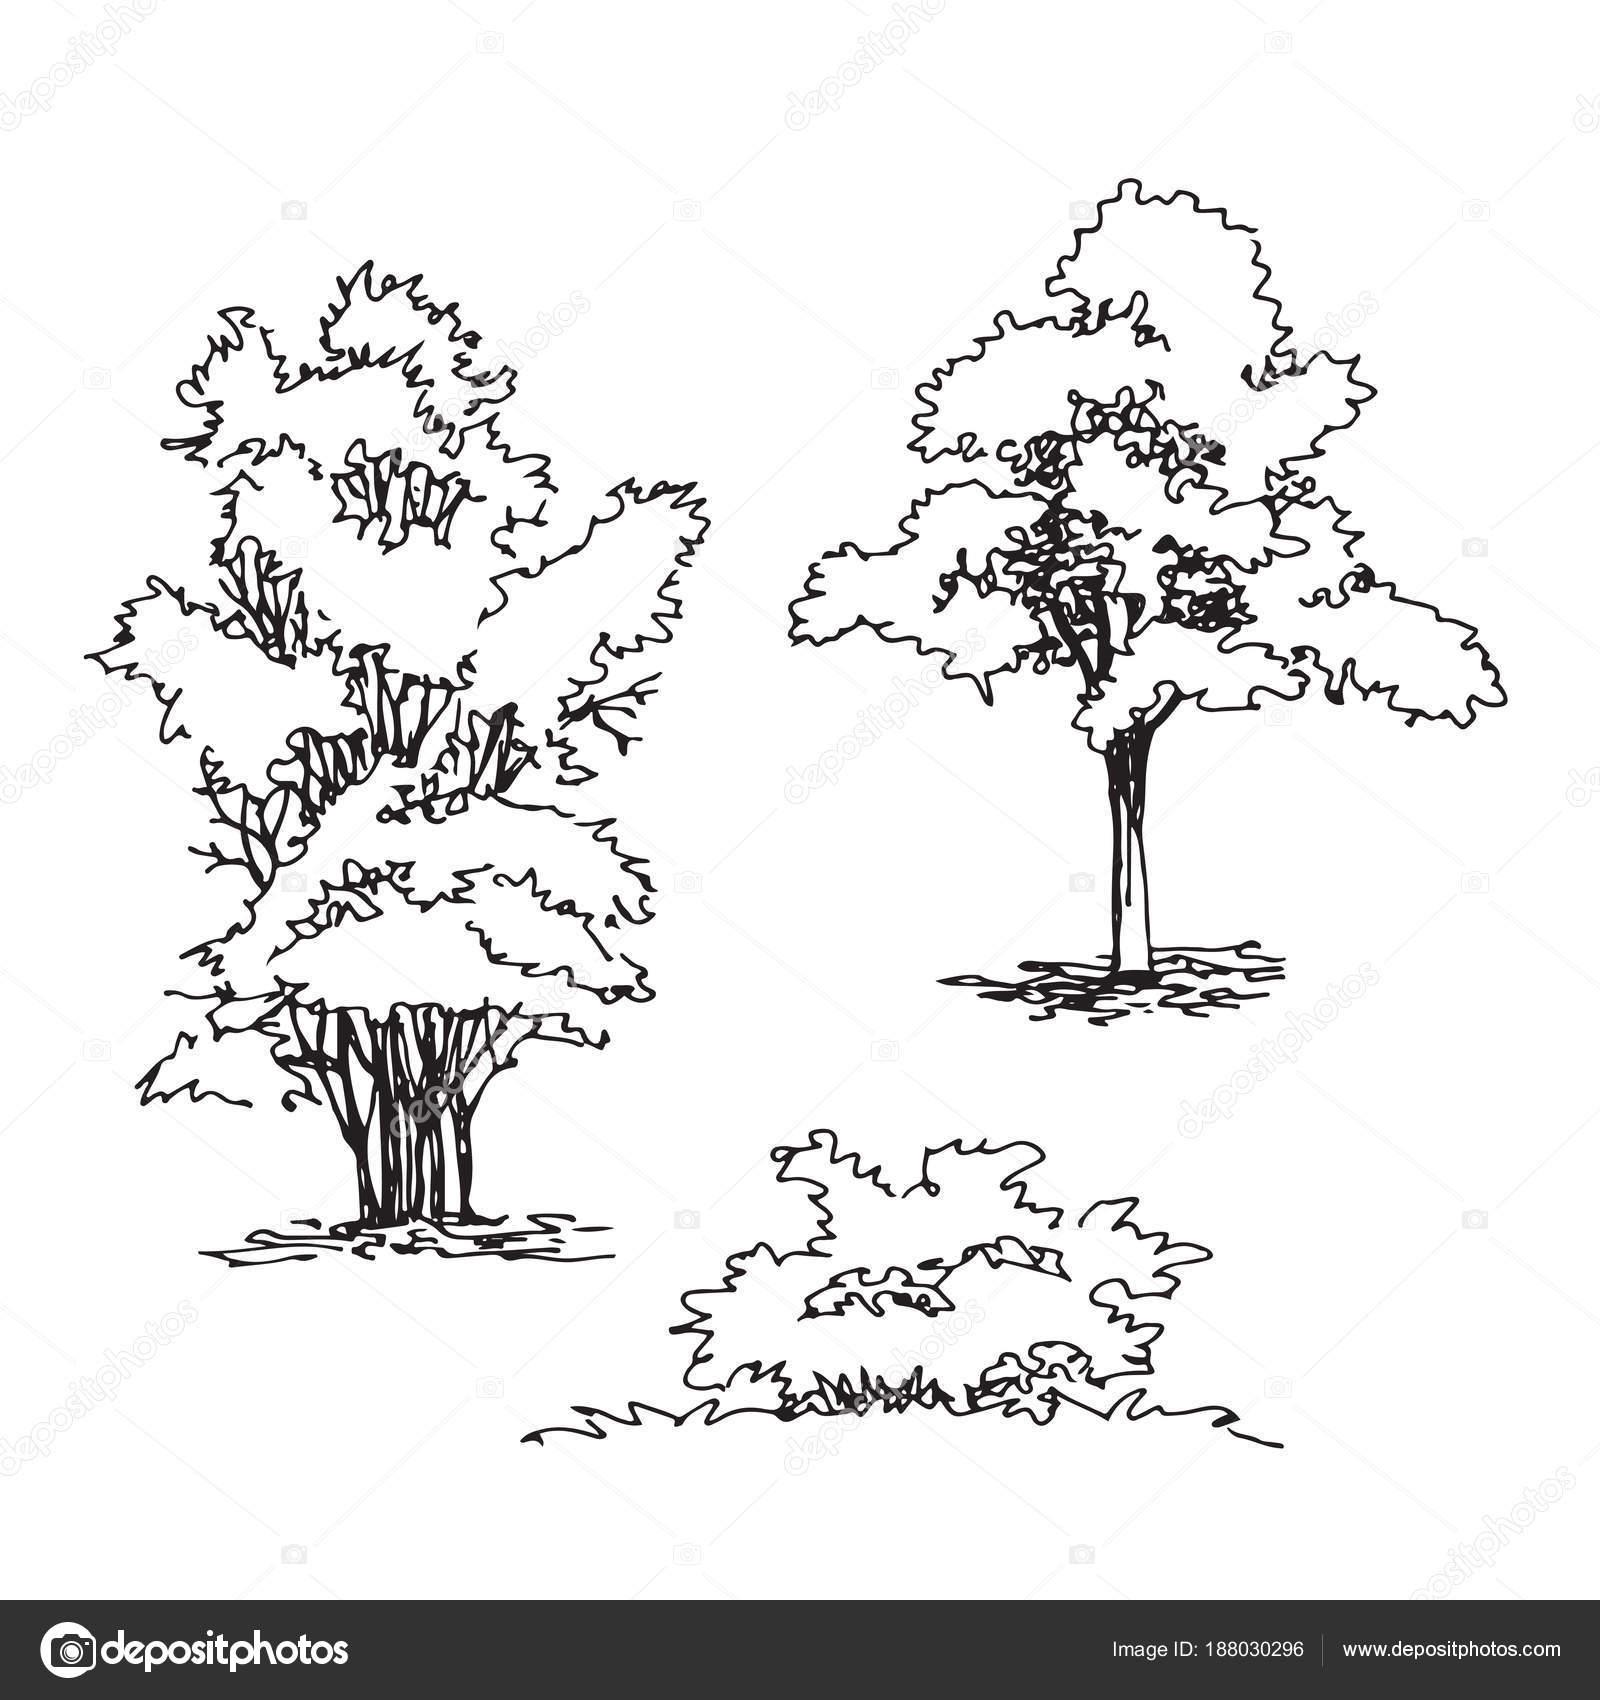 Satz Von Hand Gezeichnete Architekt Baum Und Straucher Silhouette Dendrologische Skizze Sammlung Grafikvorlage Vektor Kancerina